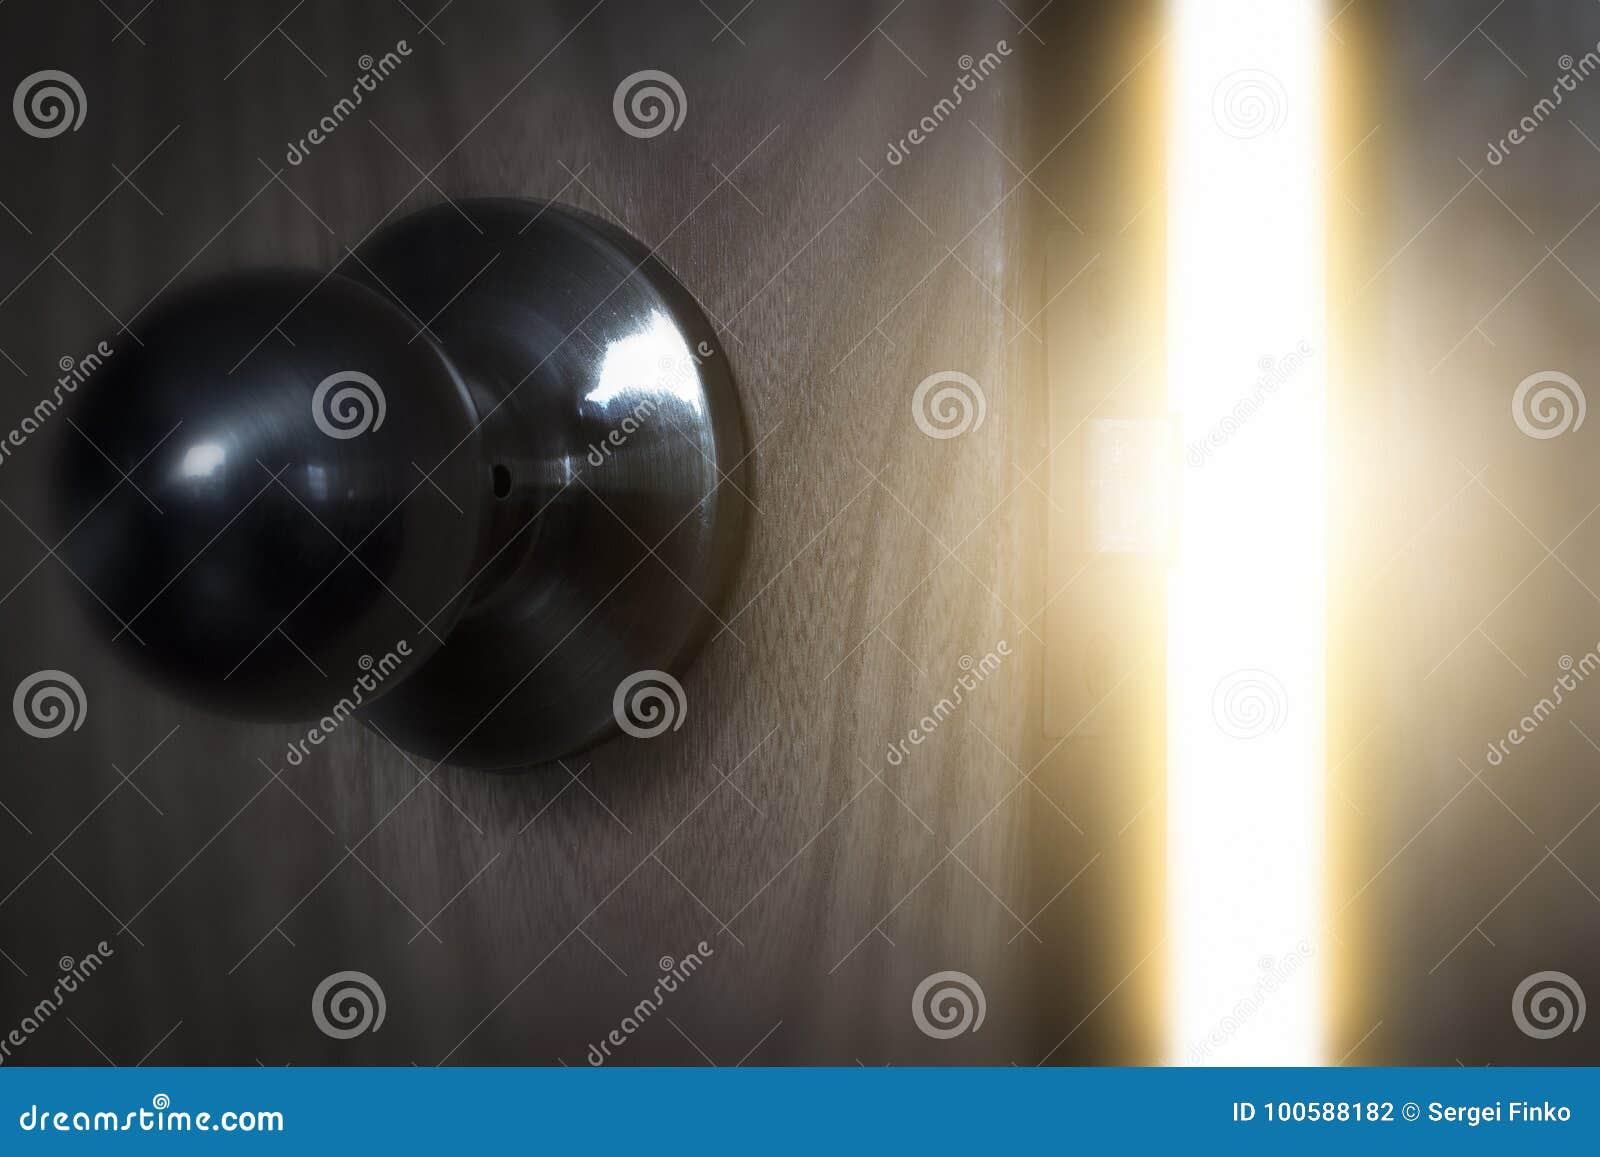 Das Licht durch die offene Tür